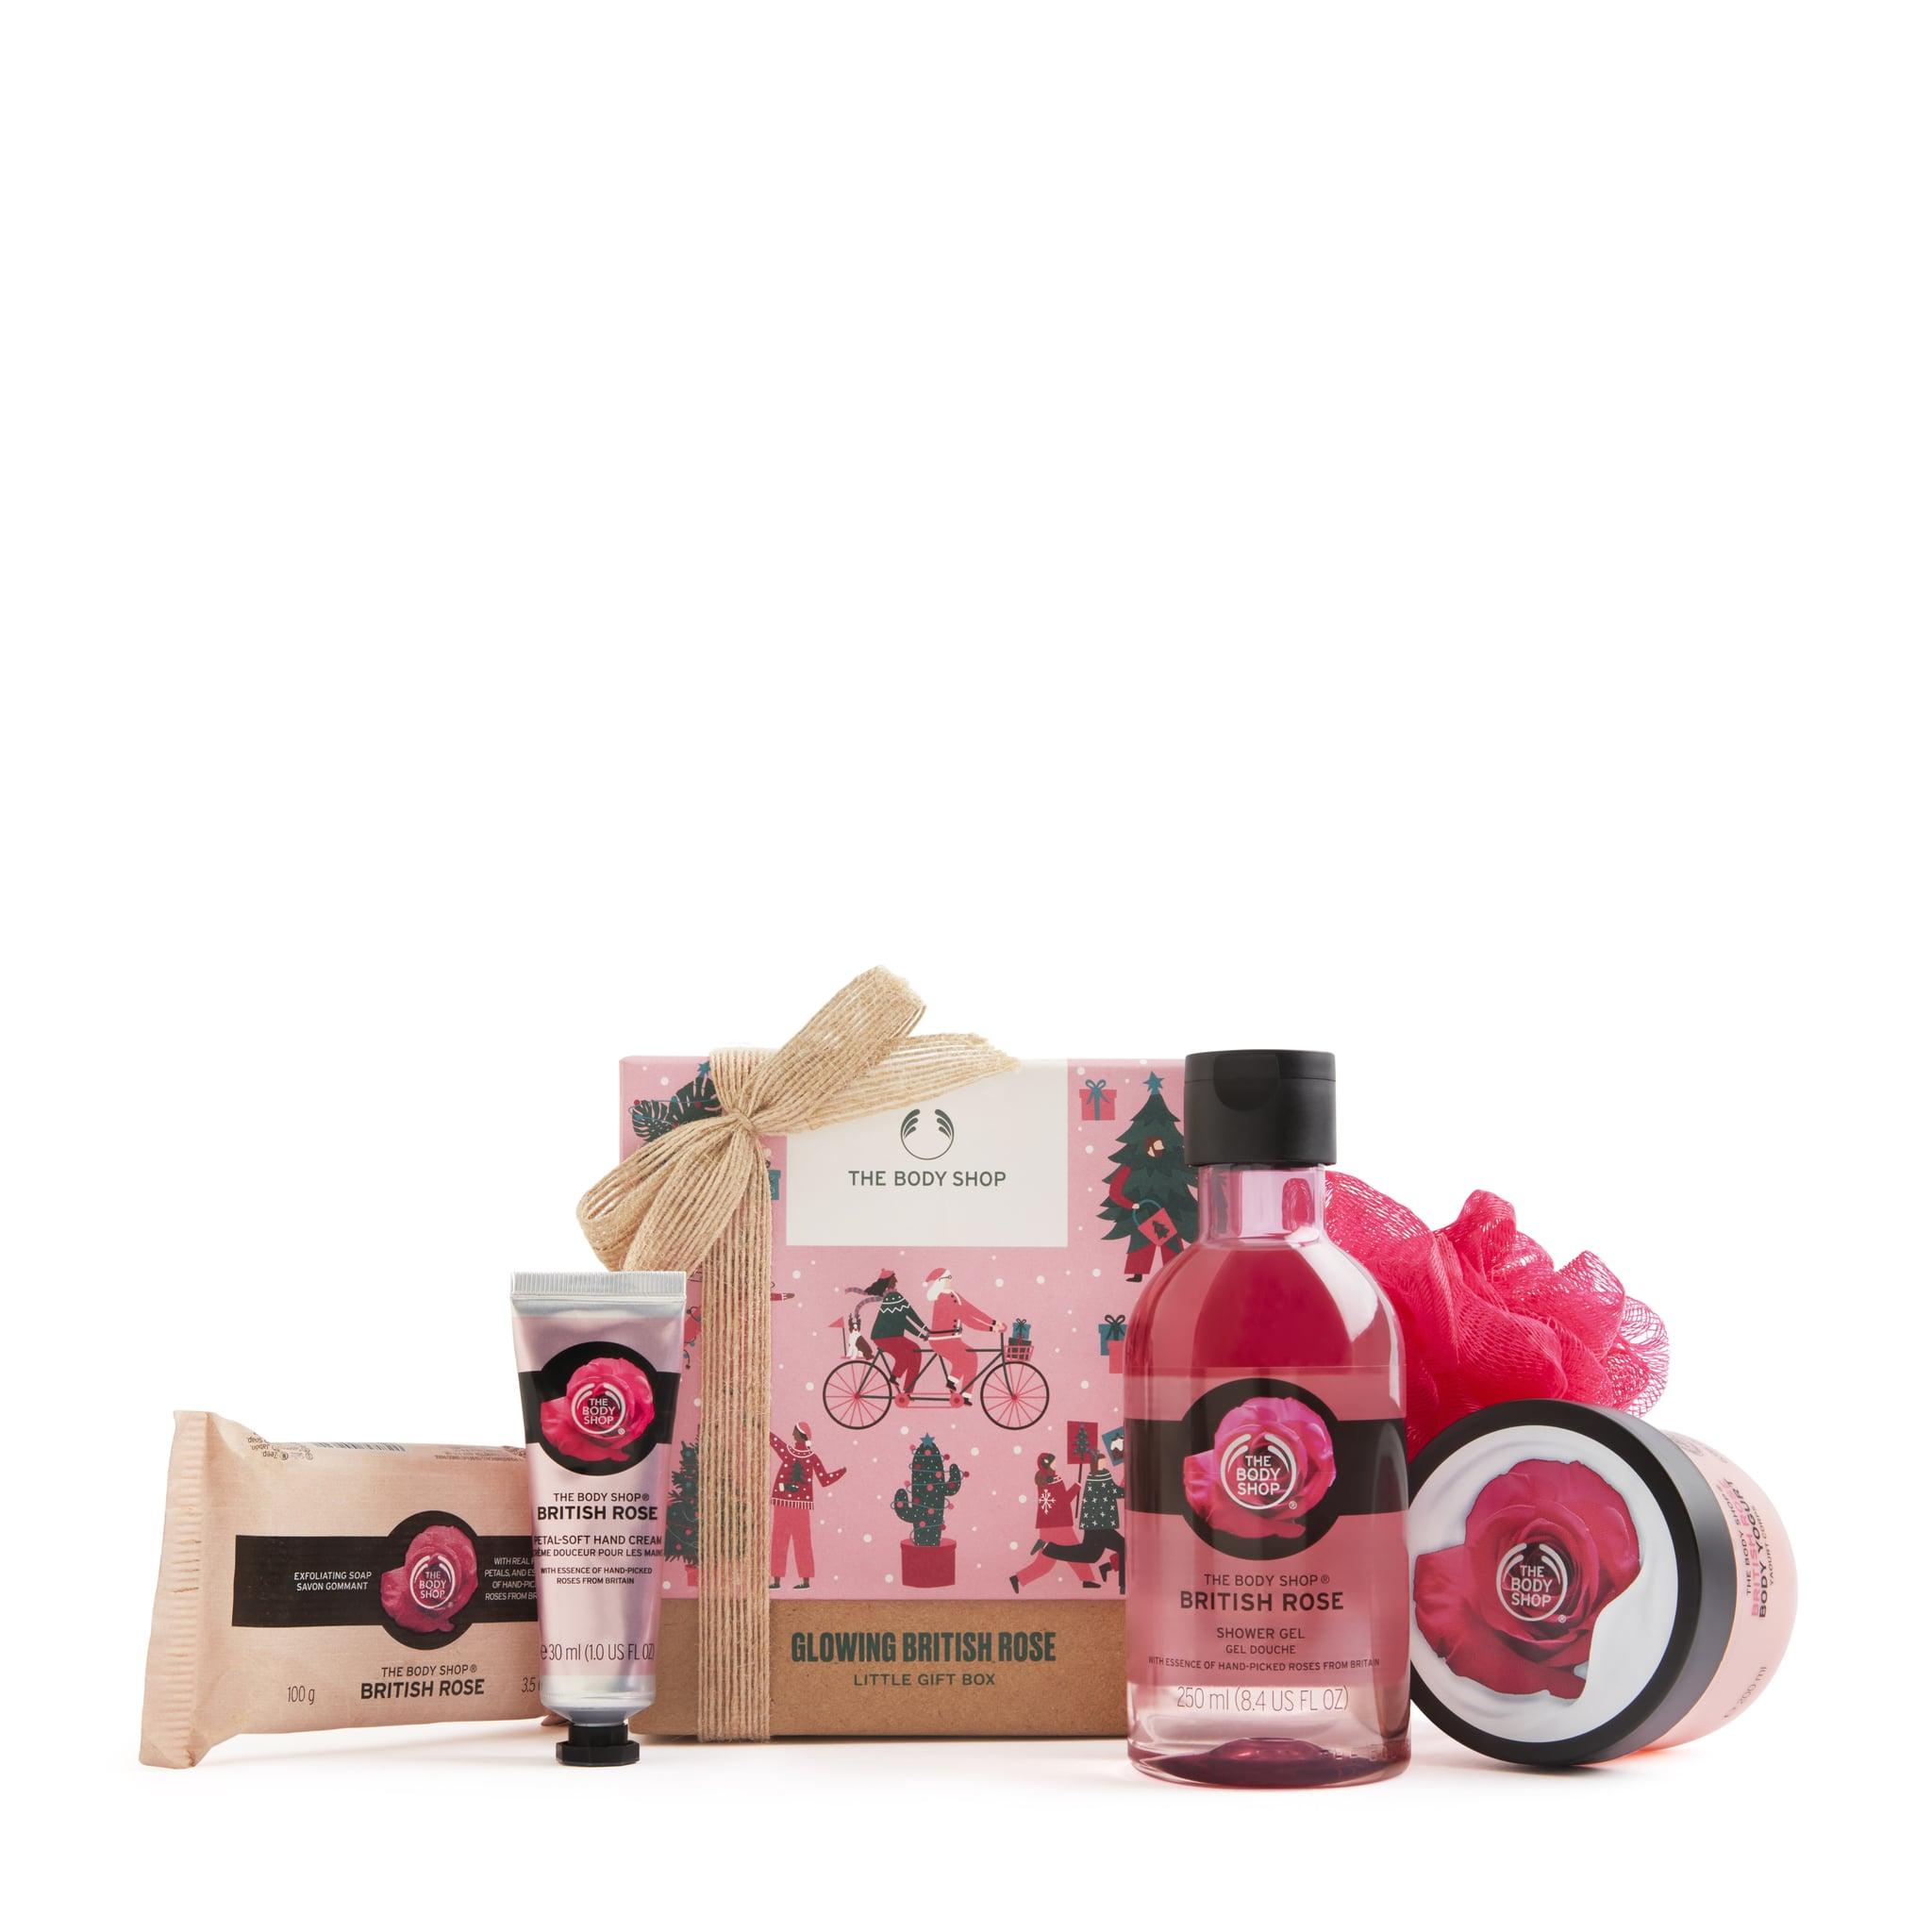 New Hand Cream Gift Set of 6 | Hand cream gift set, Gift set